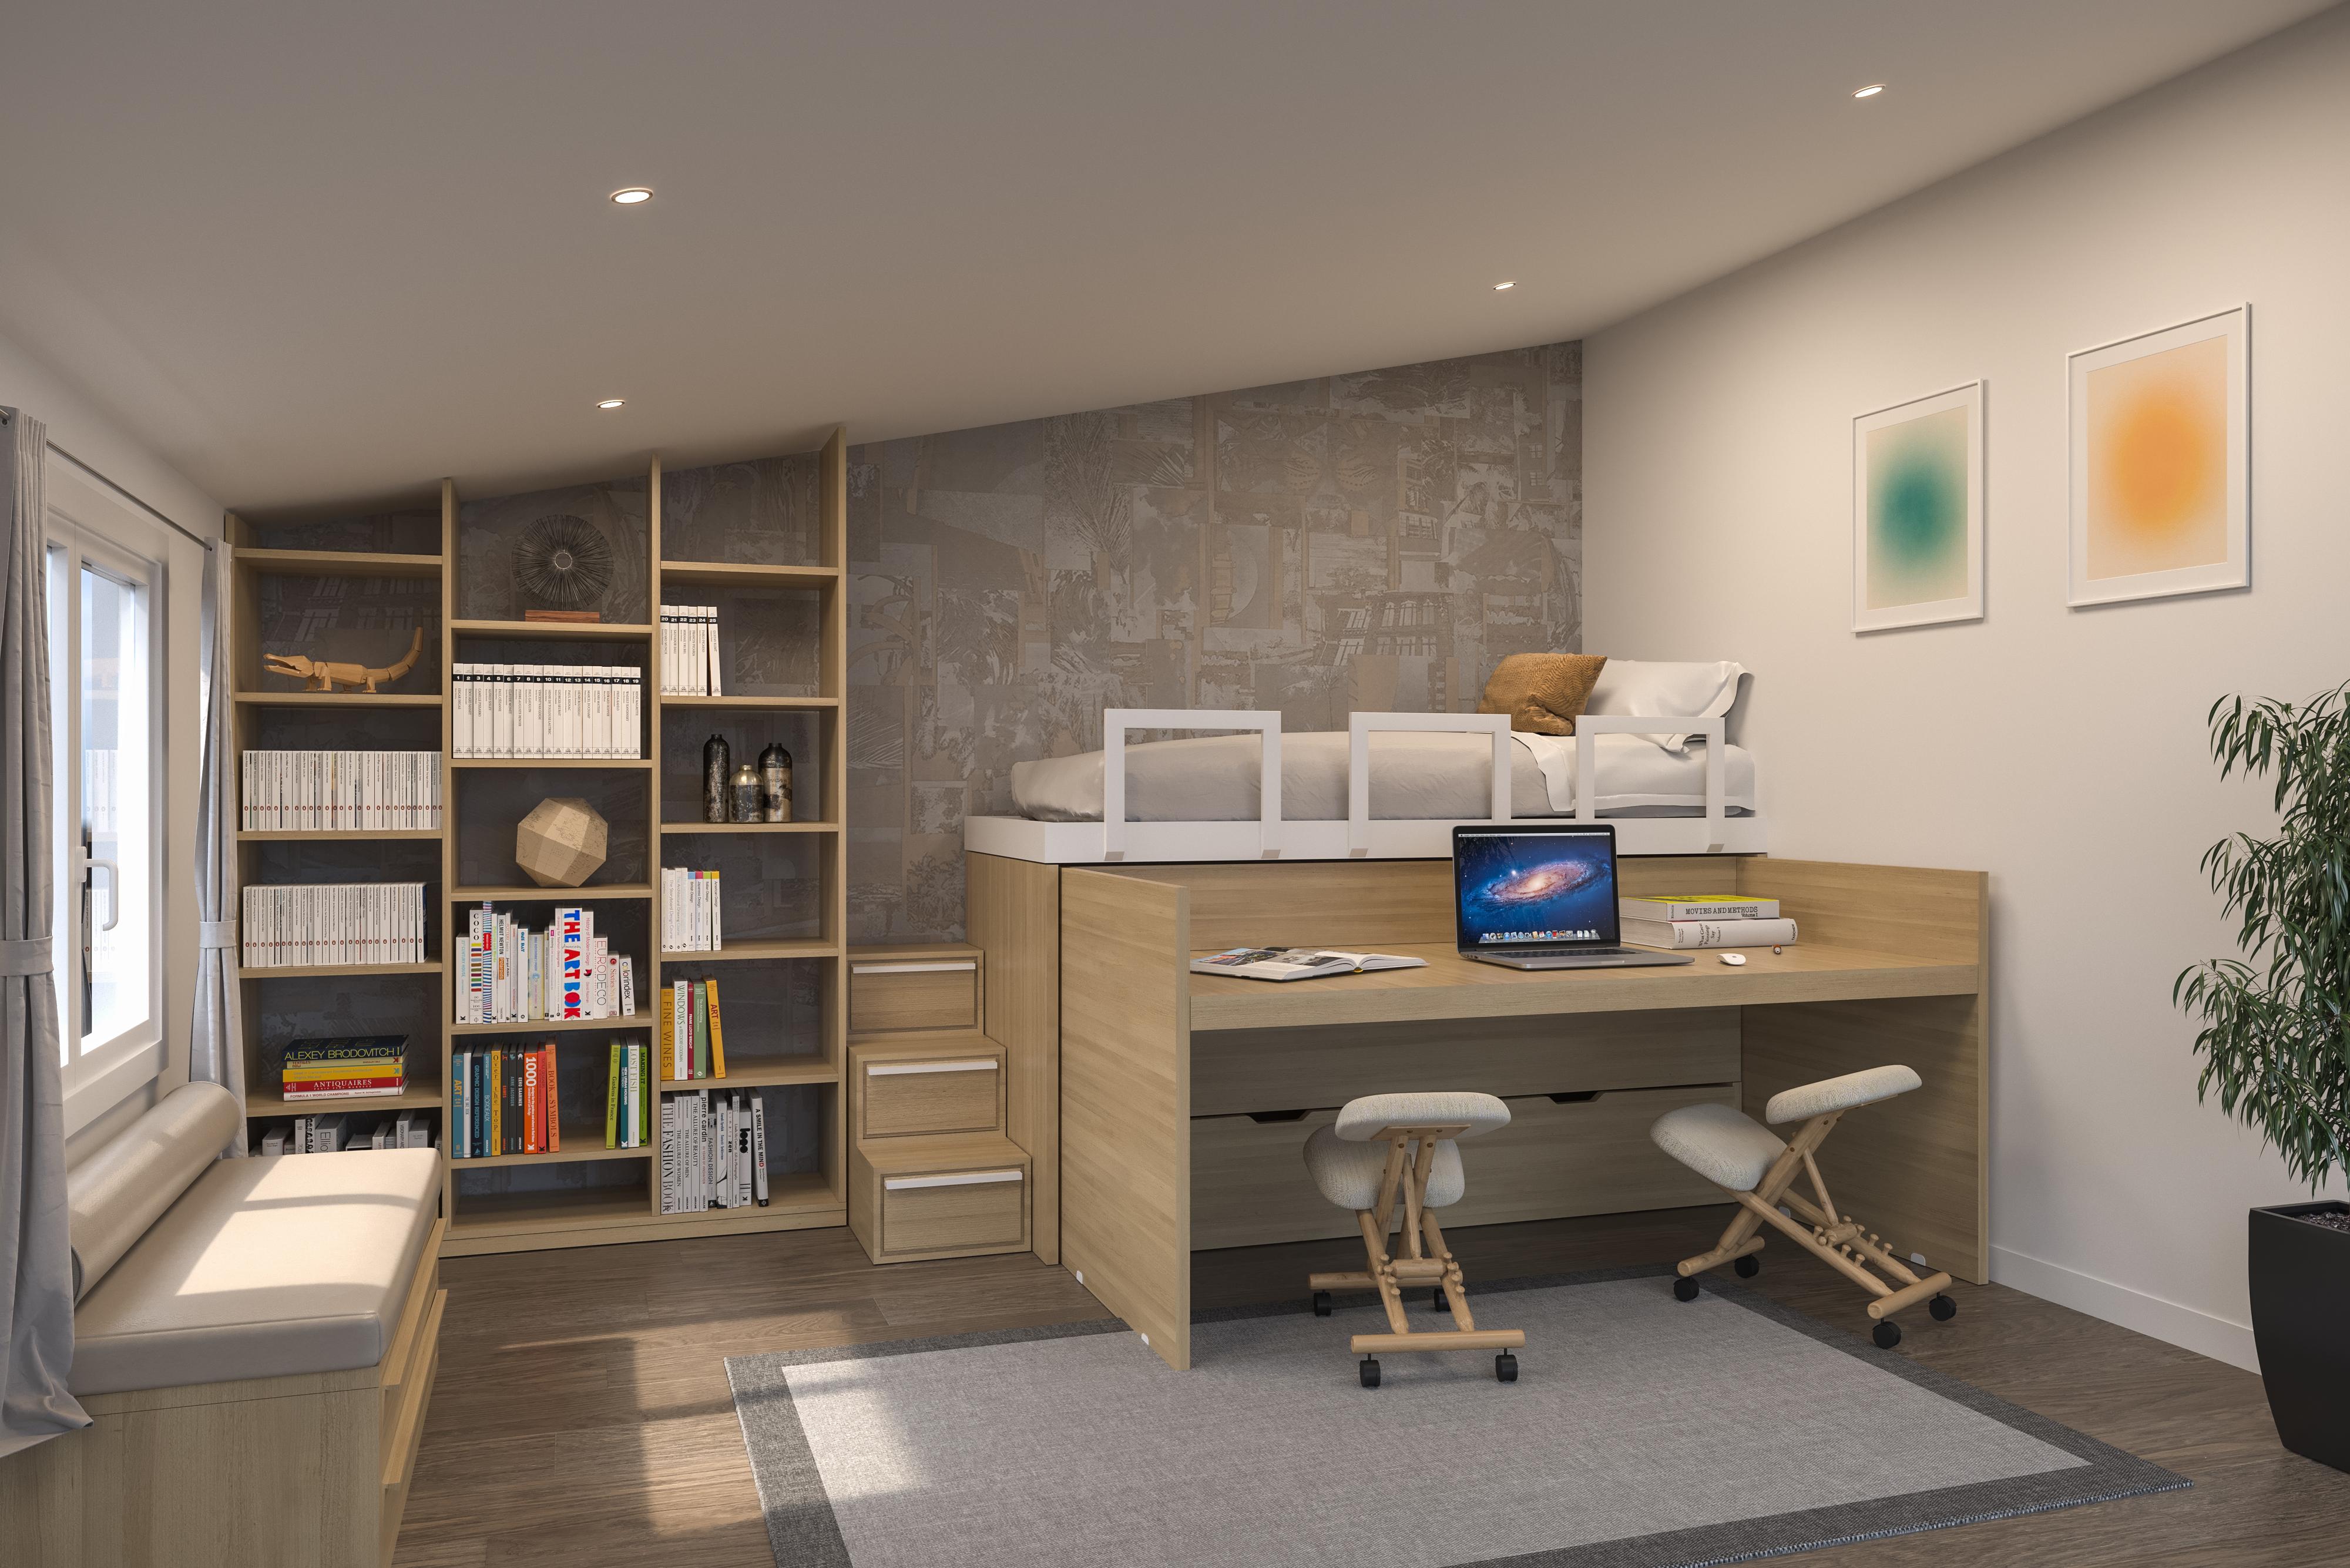 Idee Camere Da Letto Salvaspazio cinius: arredamento ecologico in legno massello